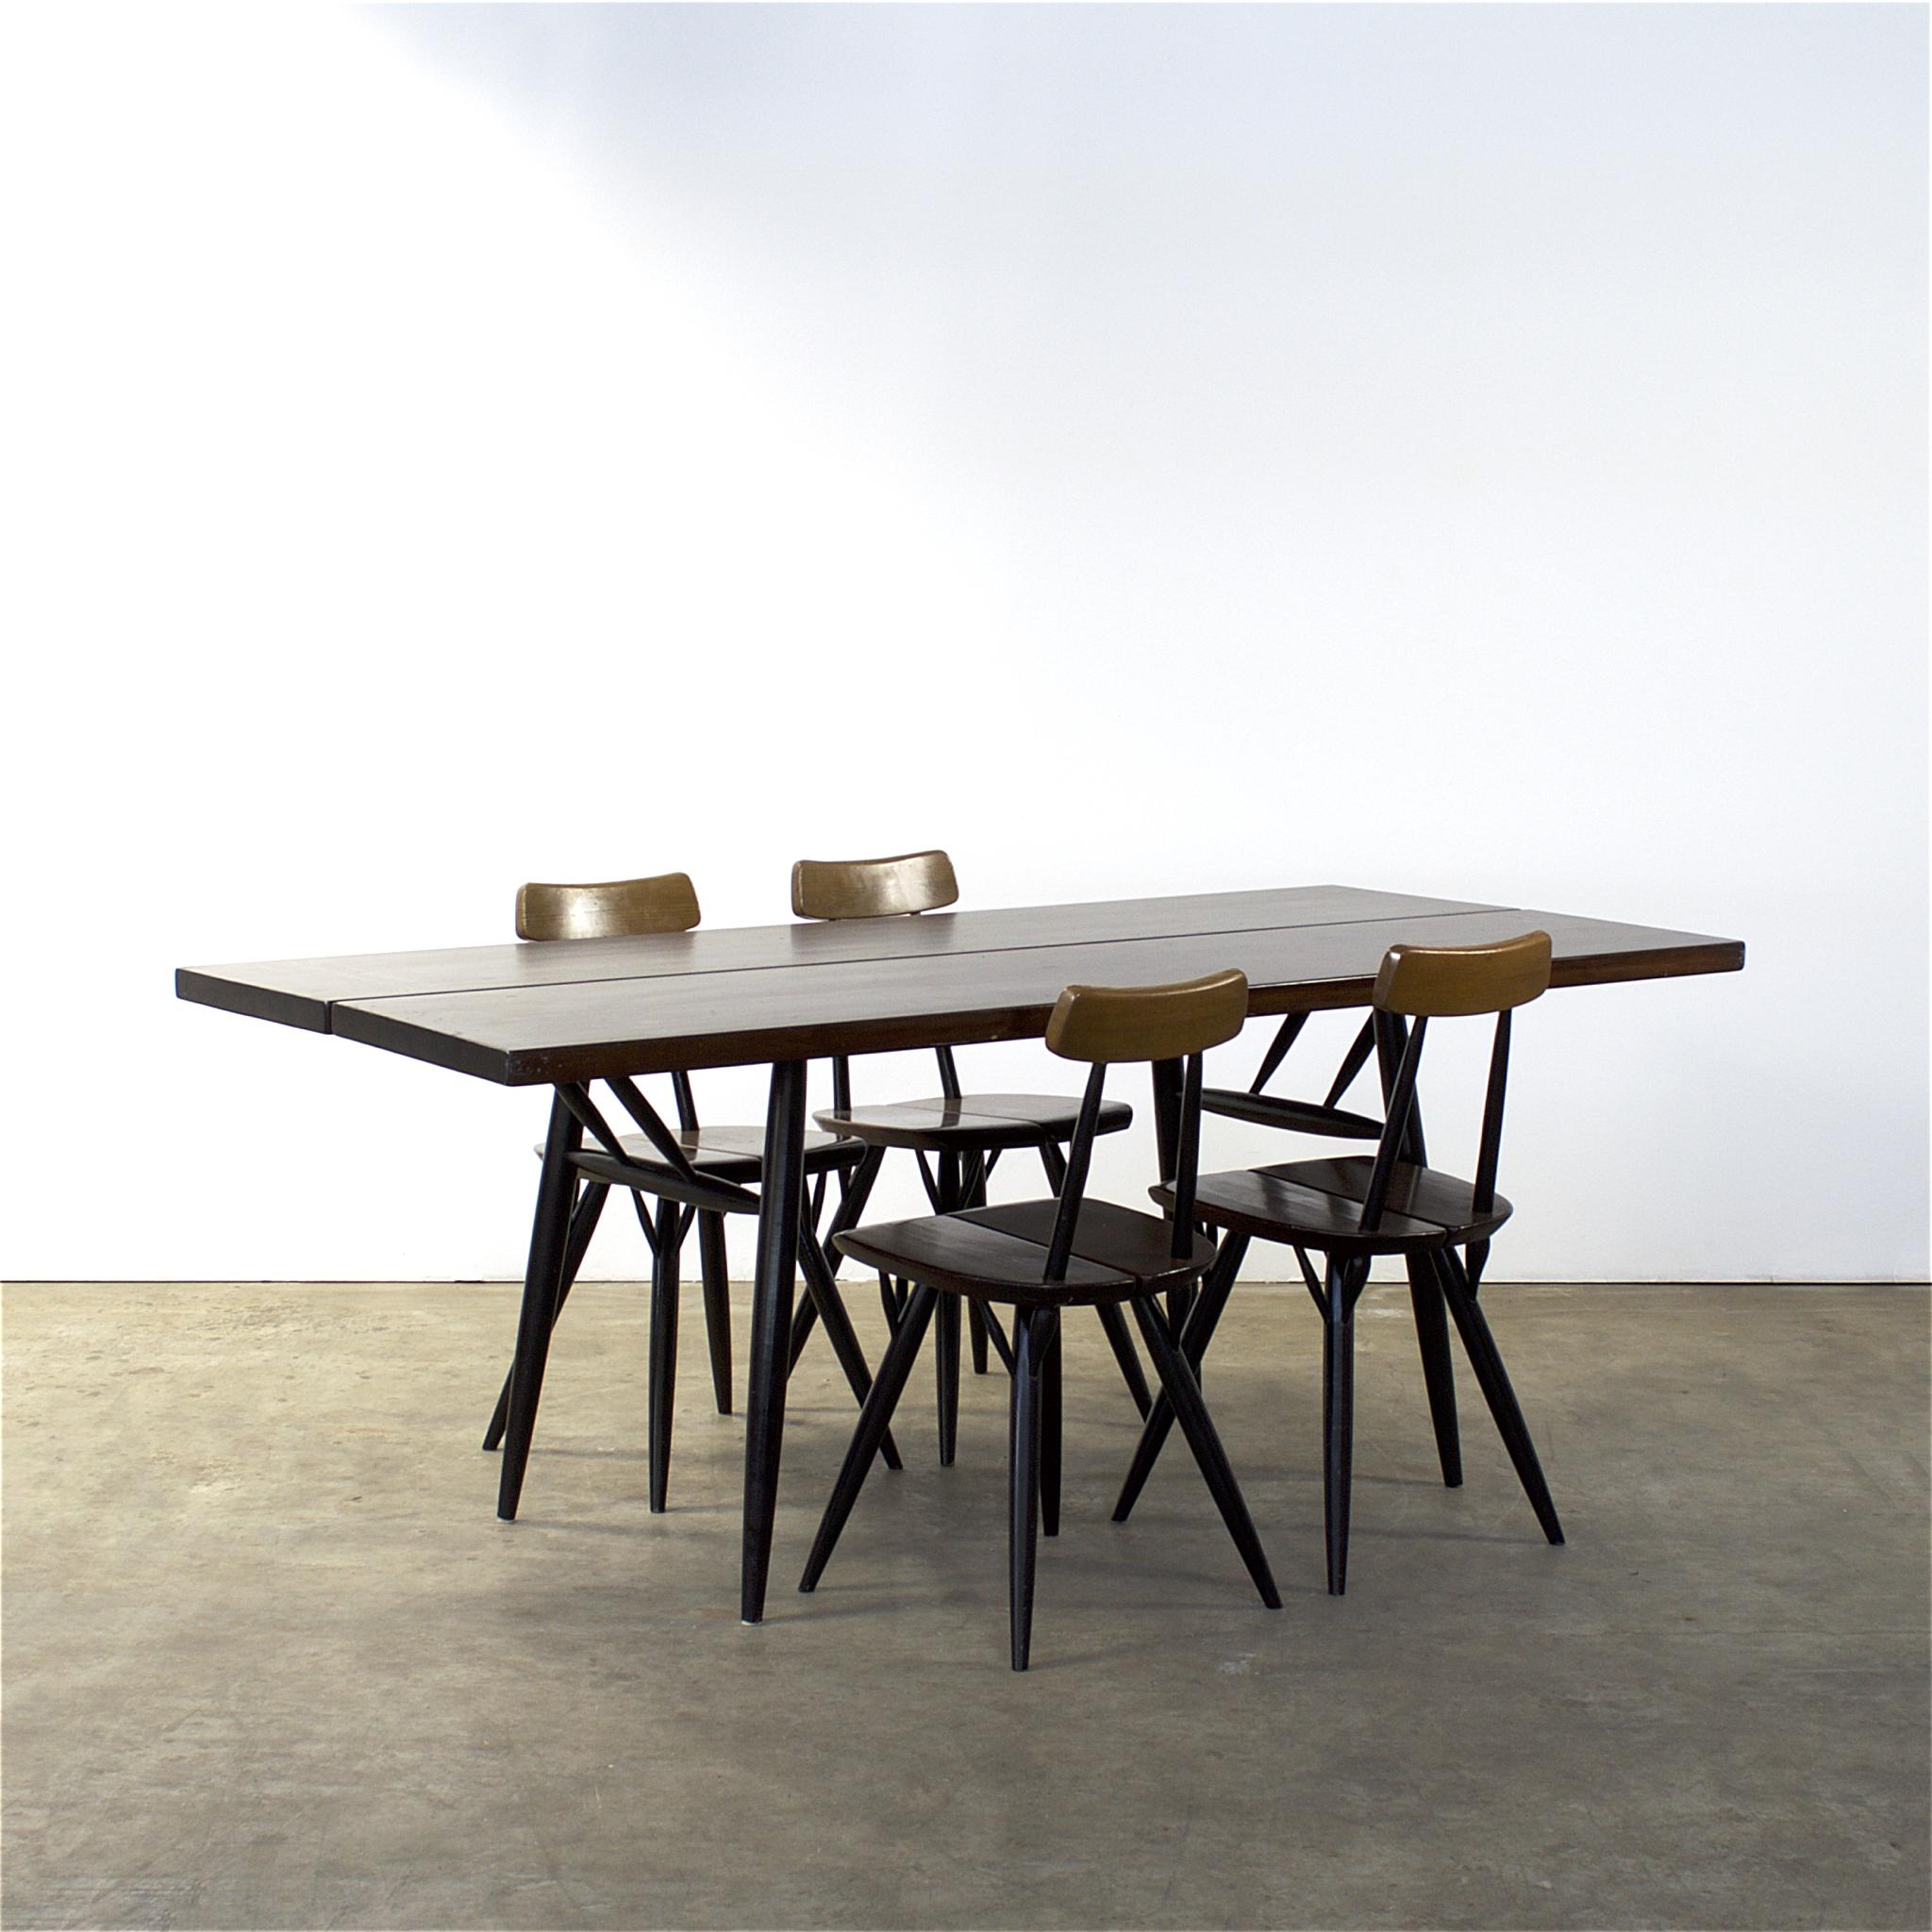 Stunning tapiovaara diningset pirkka group eettafelset for Ikea fusion tafel